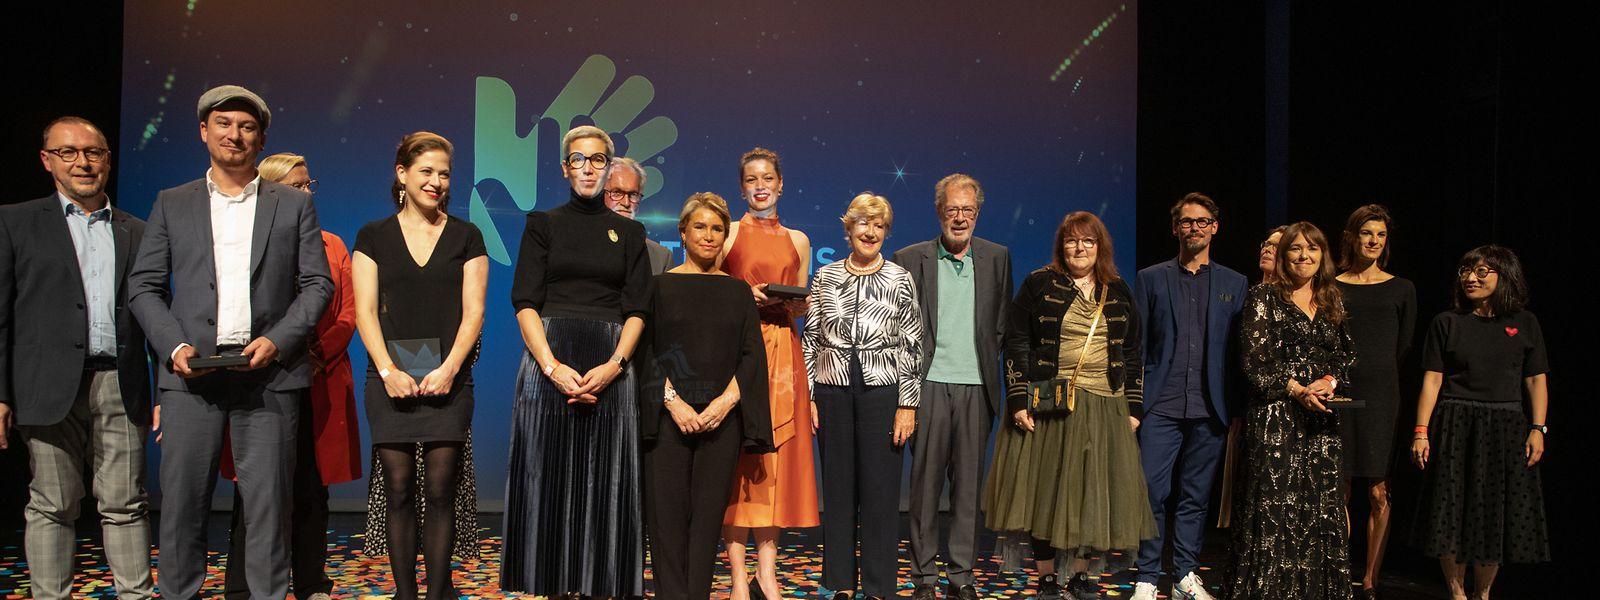 """Abschließendes """"Familienfoto"""": Preisträger, Jury-Mitglieder und Ehrengäste."""